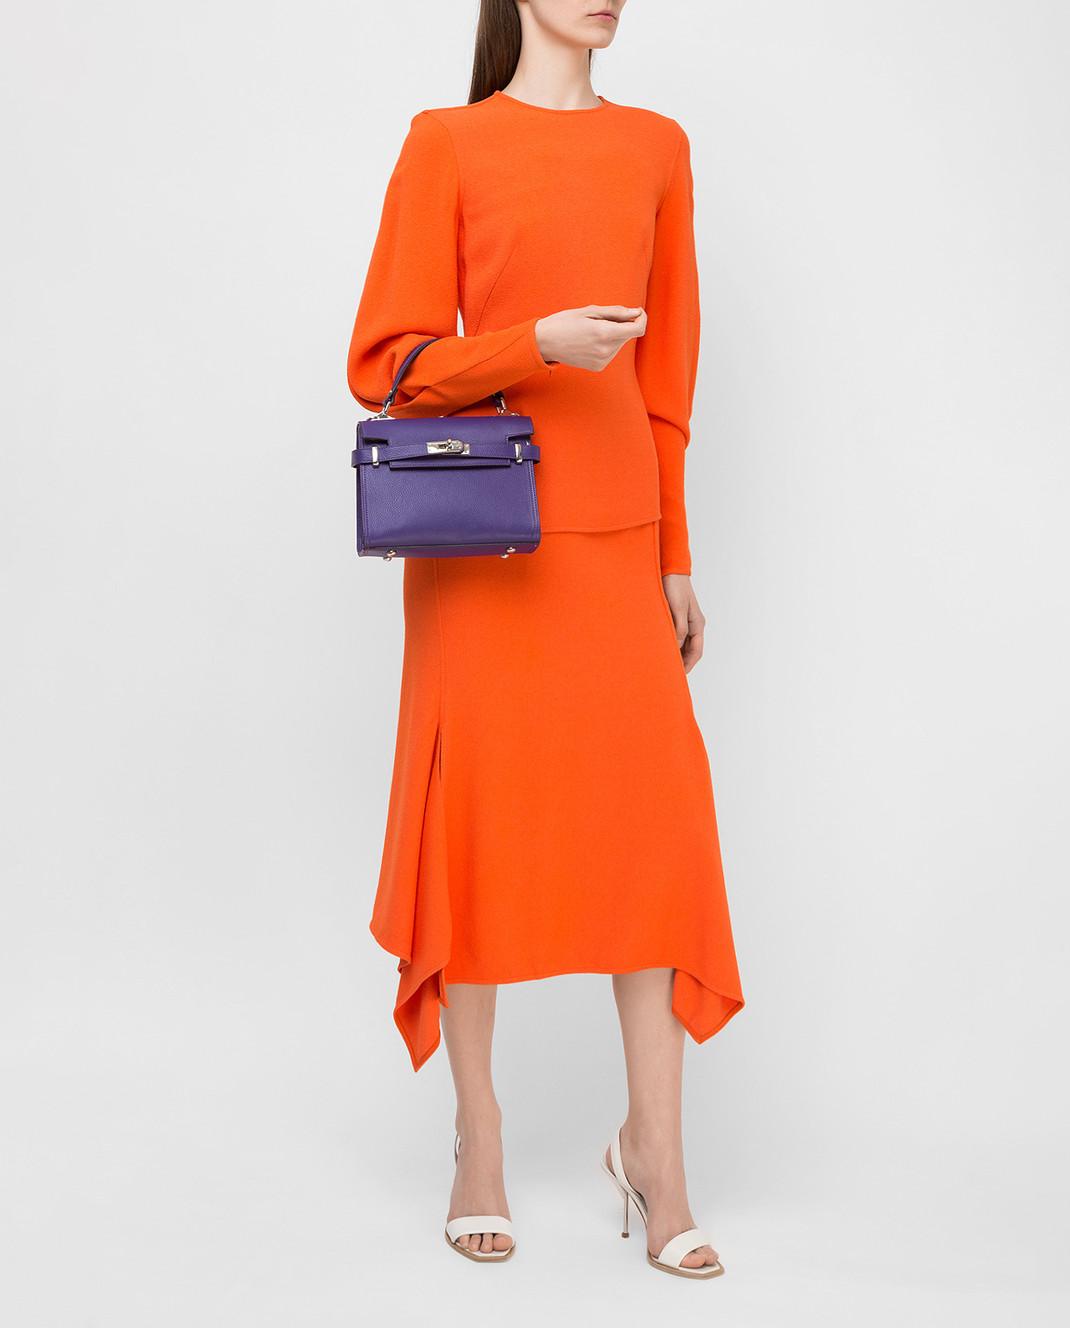 Victoria Beckham Оранжевая юбка SKMID3315 изображение 2